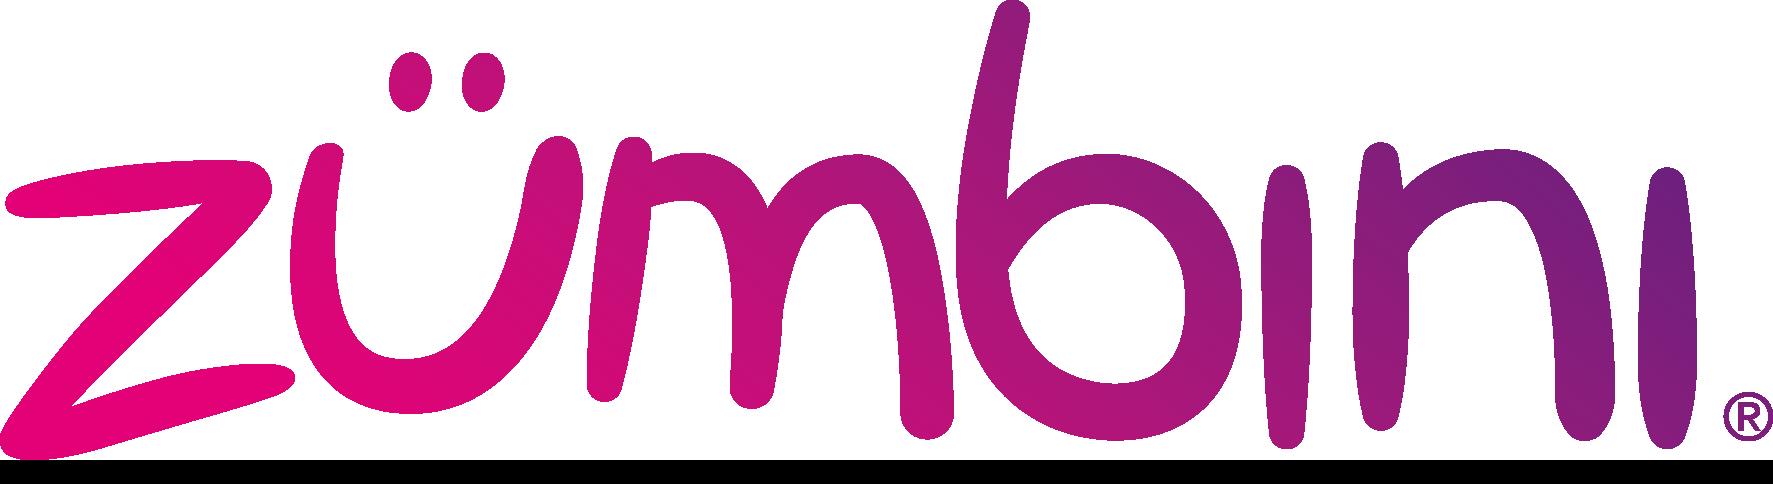 Zumbini Logo - Zumbini